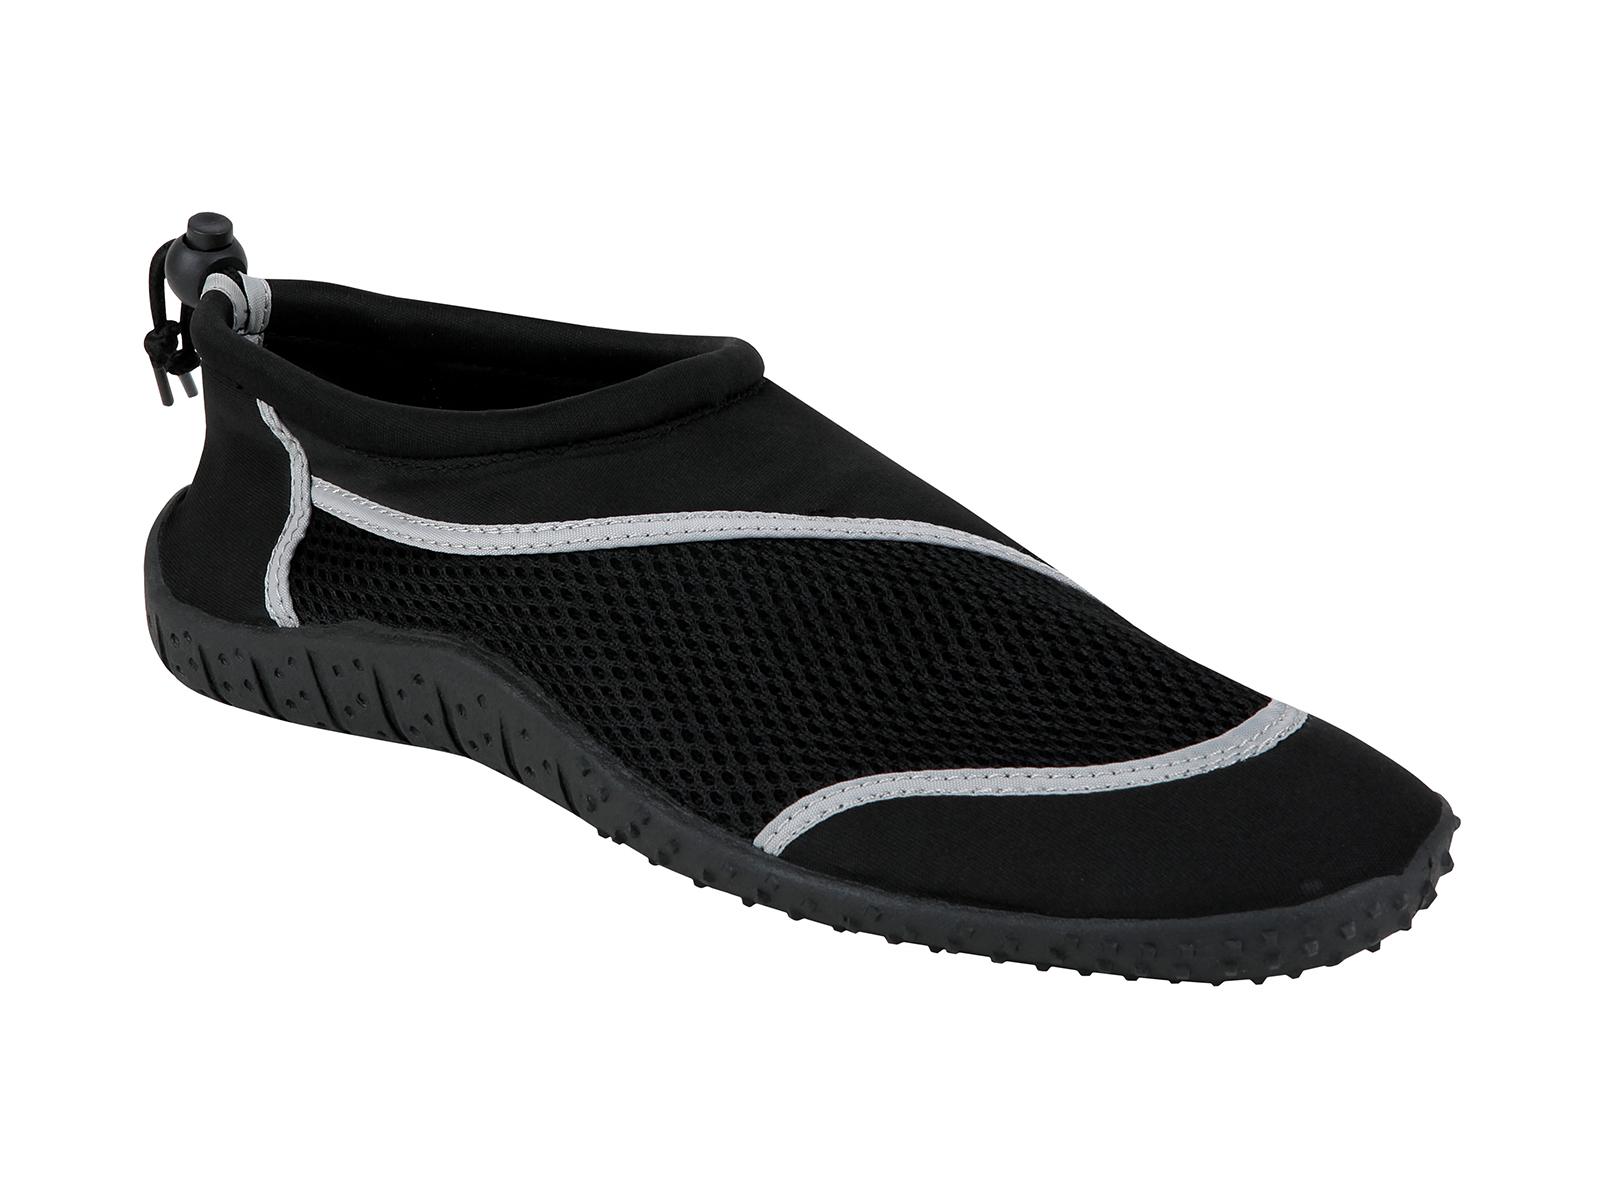 4def94d8ea8 Loap SHARK obuv do vody černo stříbrné empty